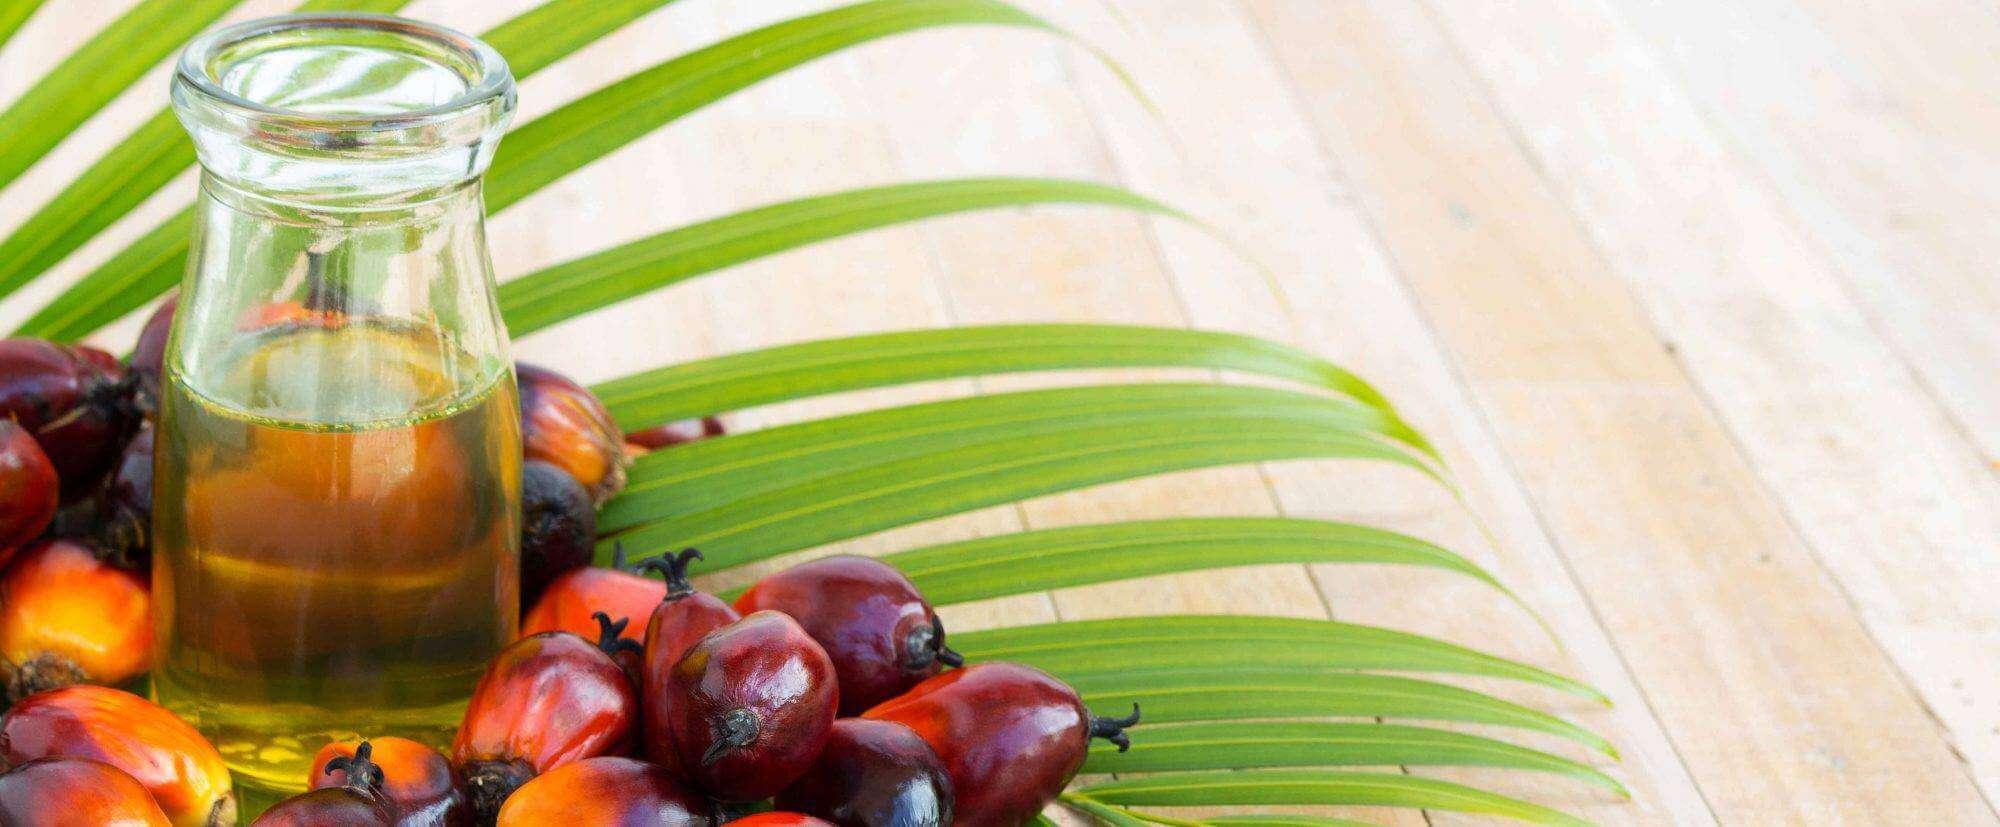 Palm Yağı İnsanlara Etkileri Nelerdir